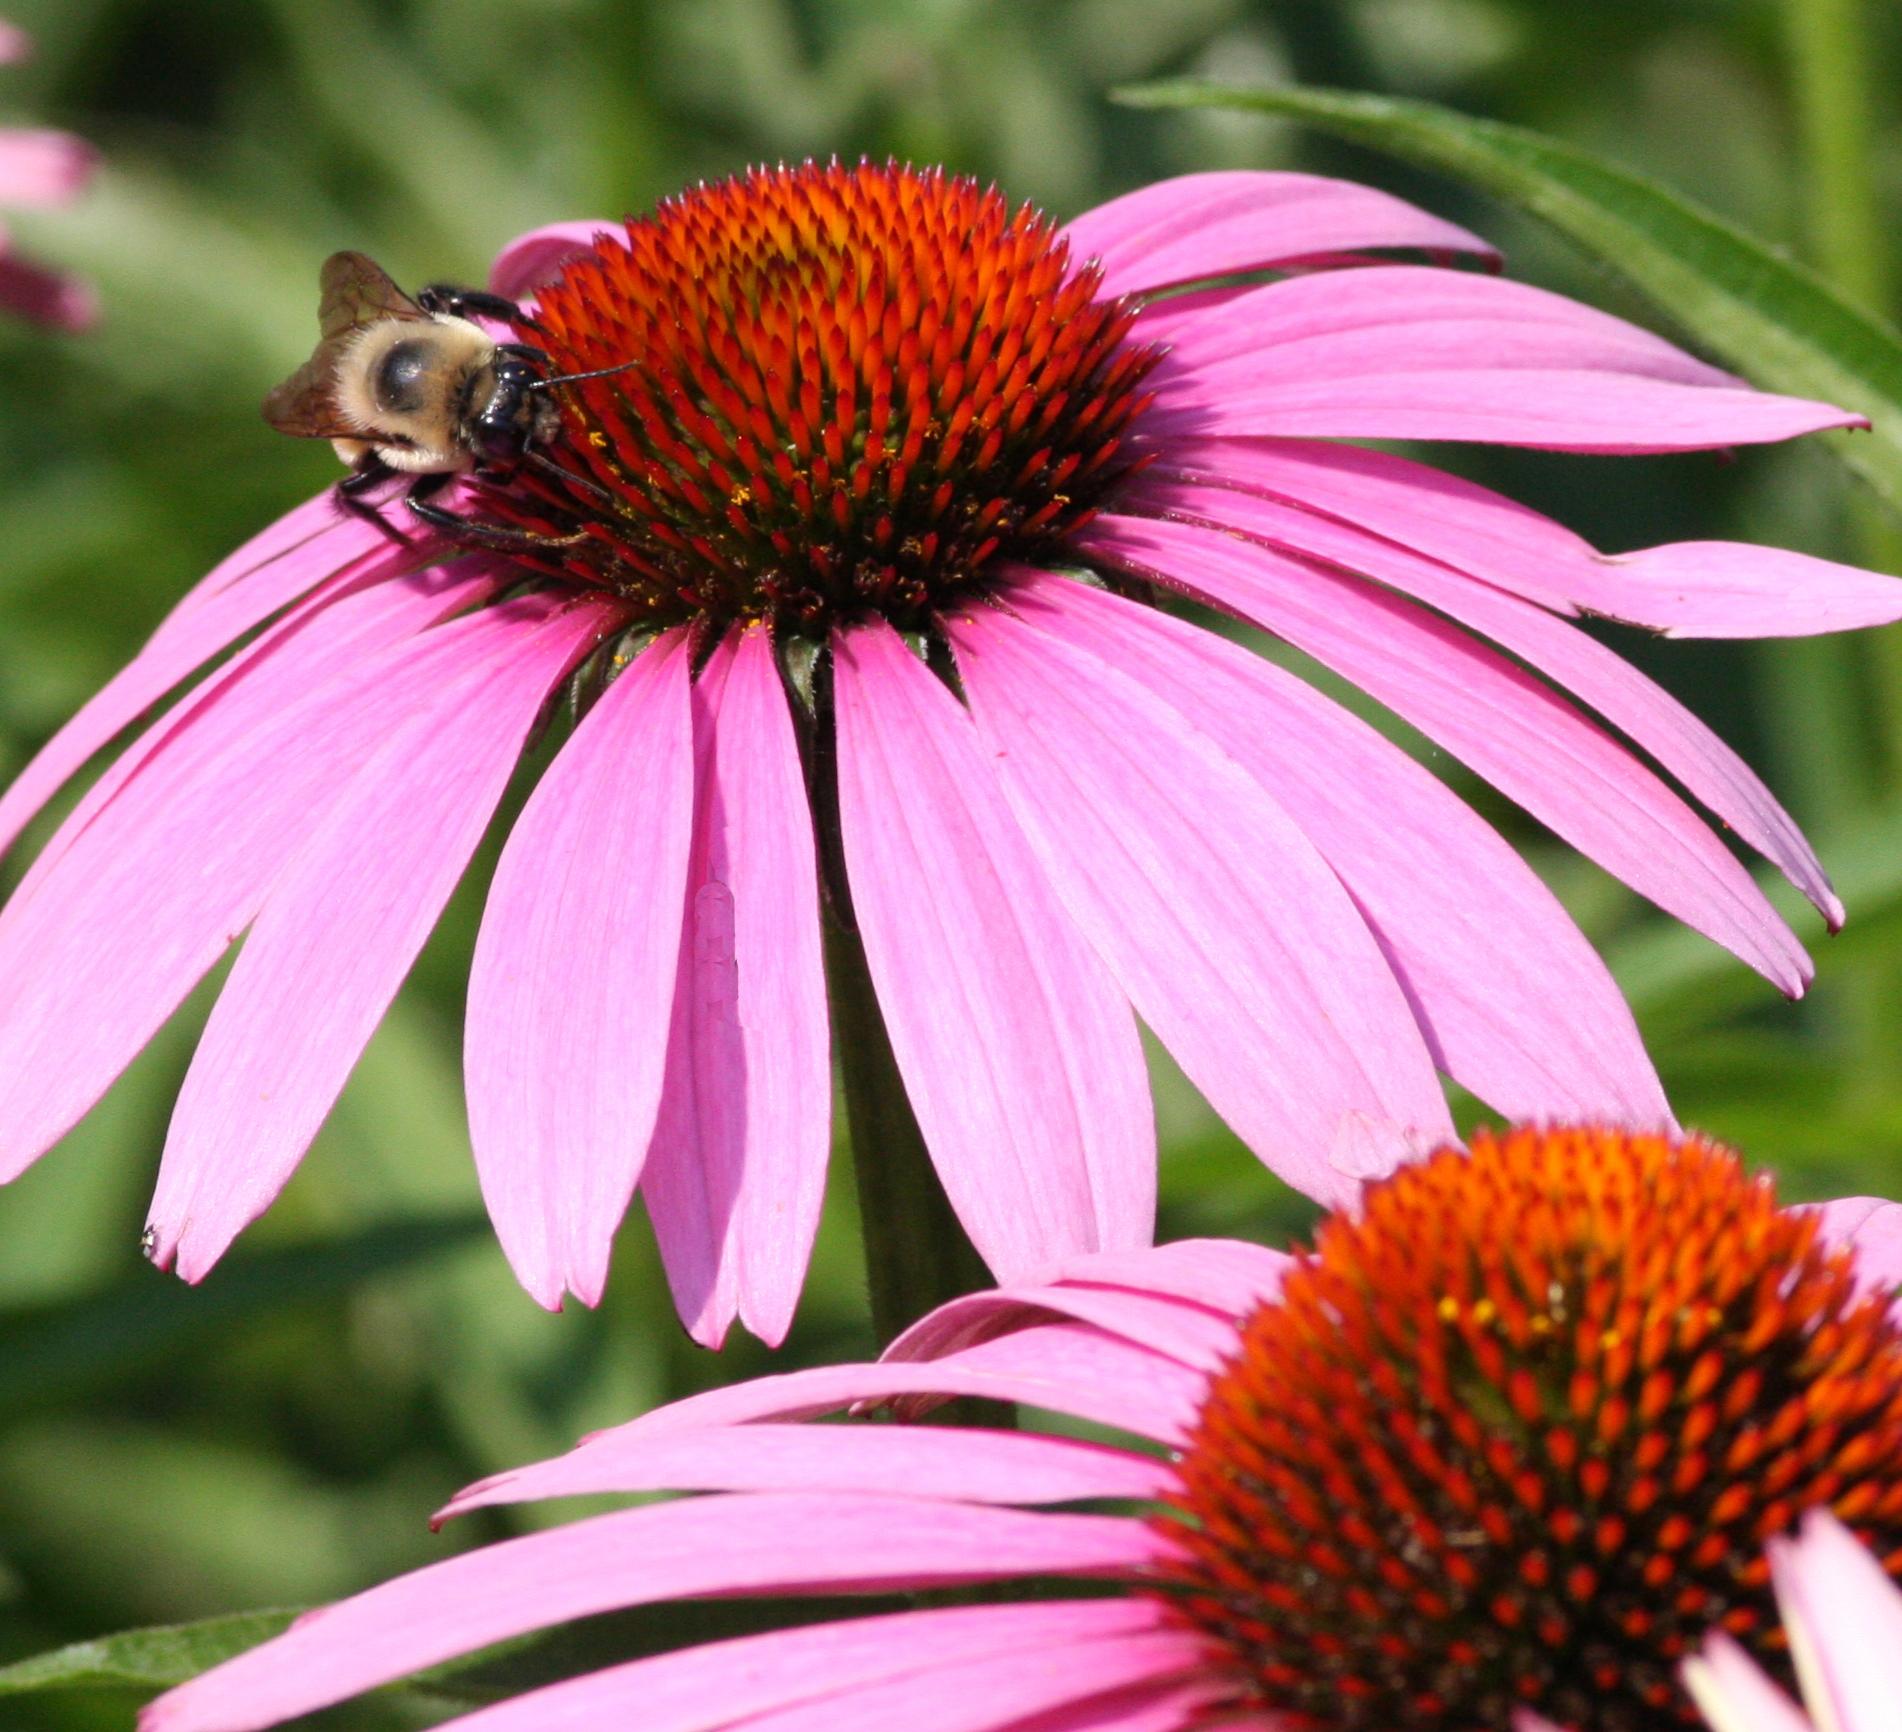 3dac7a068360b98ab5f7_purple_cone_flower.jpg